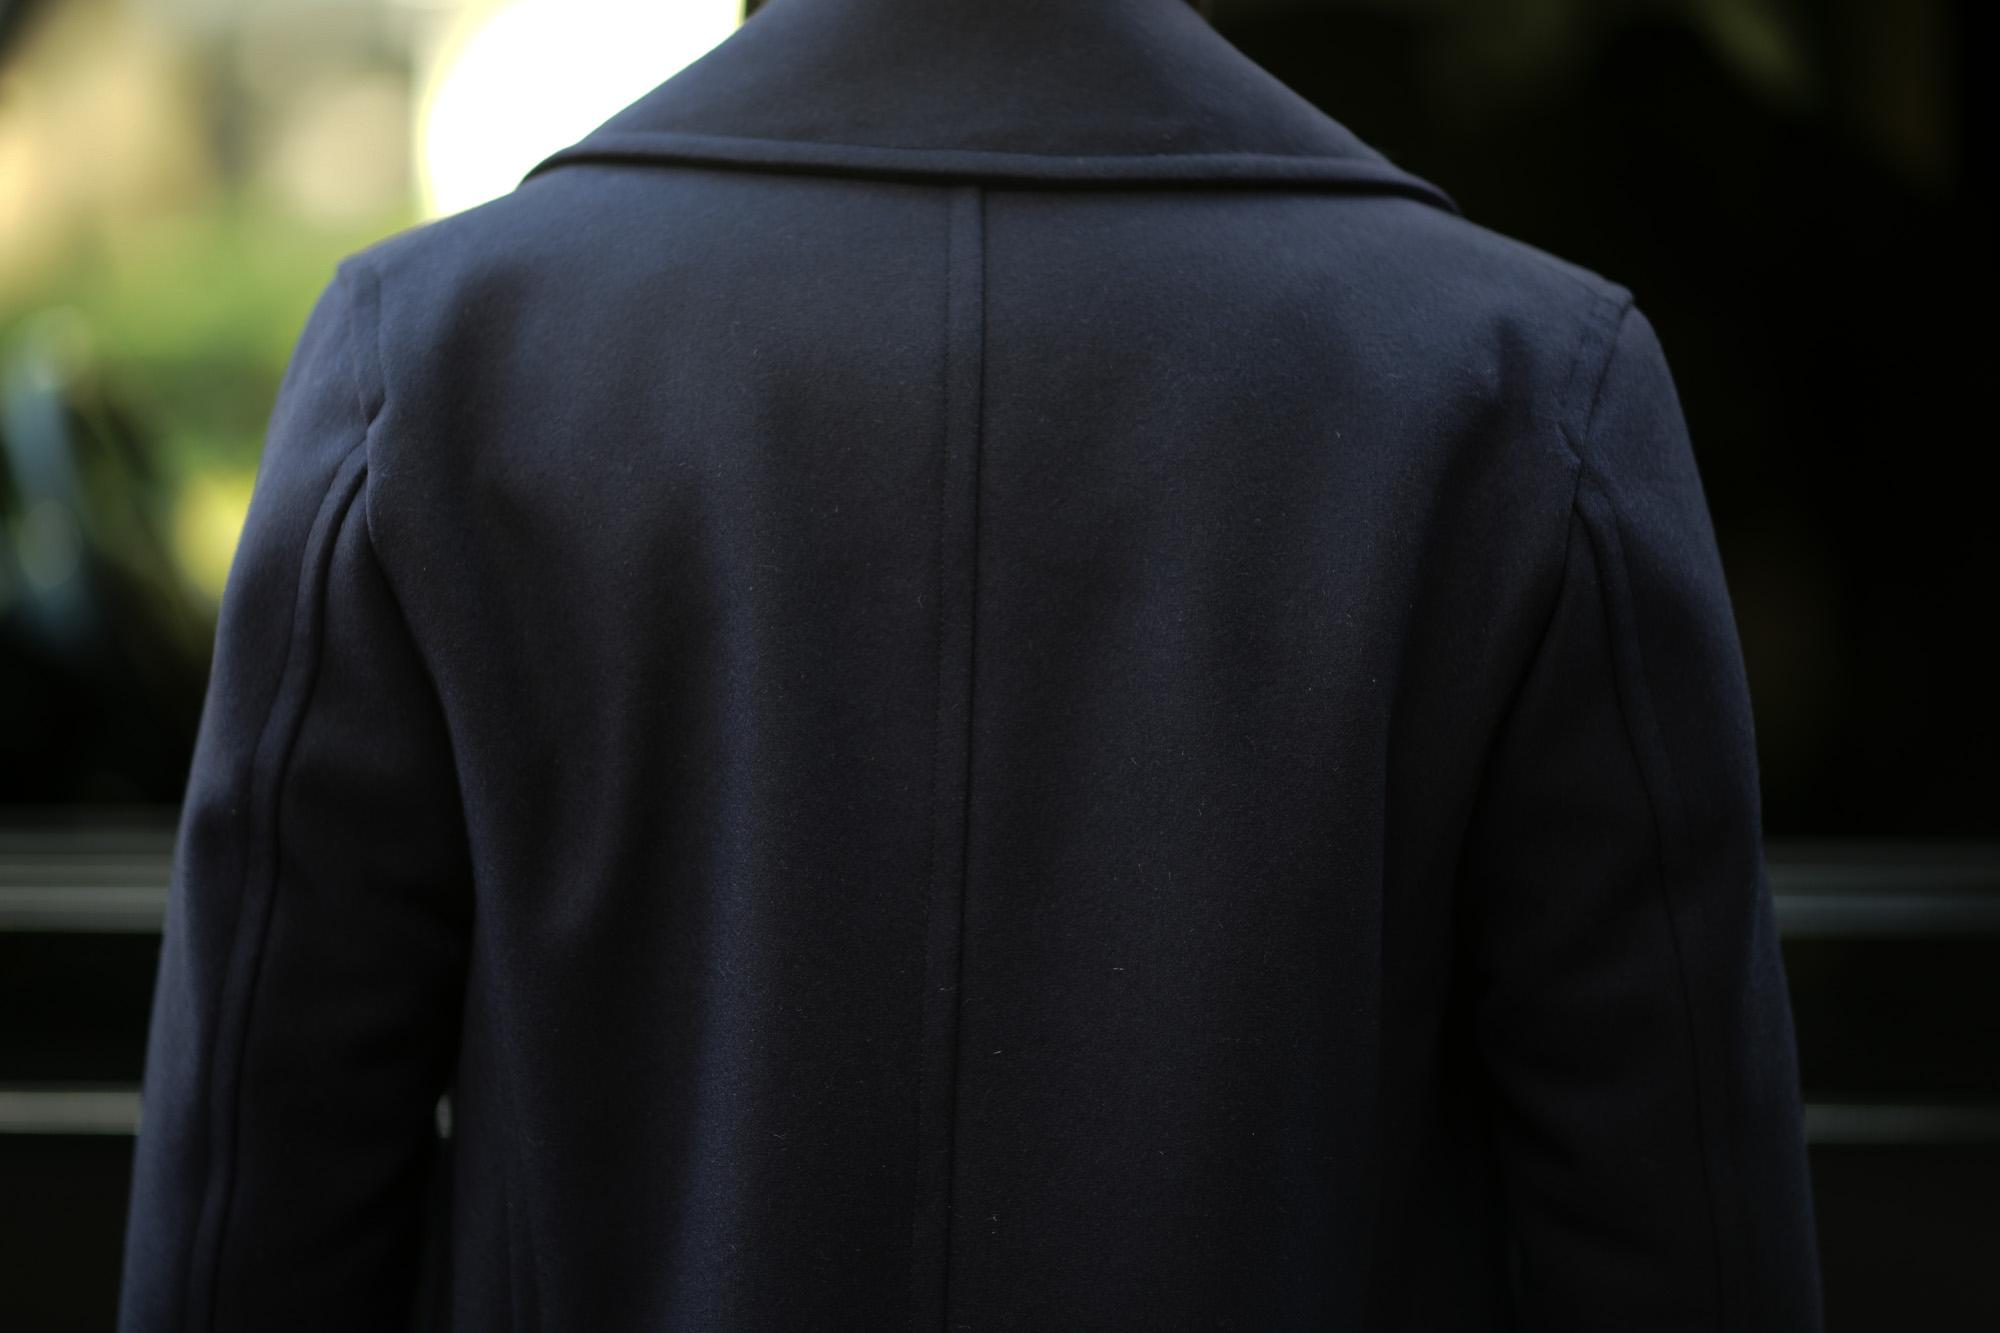 Sealup(シーラップ) GENOVA(ジェノバ) 50002 7591 01 メルトンウール サーモアライニング ロングPコート  NAVY (ネイビー・01) MADE IN ITALY(イタリア製) 2019 秋冬 【ご予約受付中】シーラップ 愛知 名古屋 Alto e Diritto アルト エ デリット Pコート コート coat